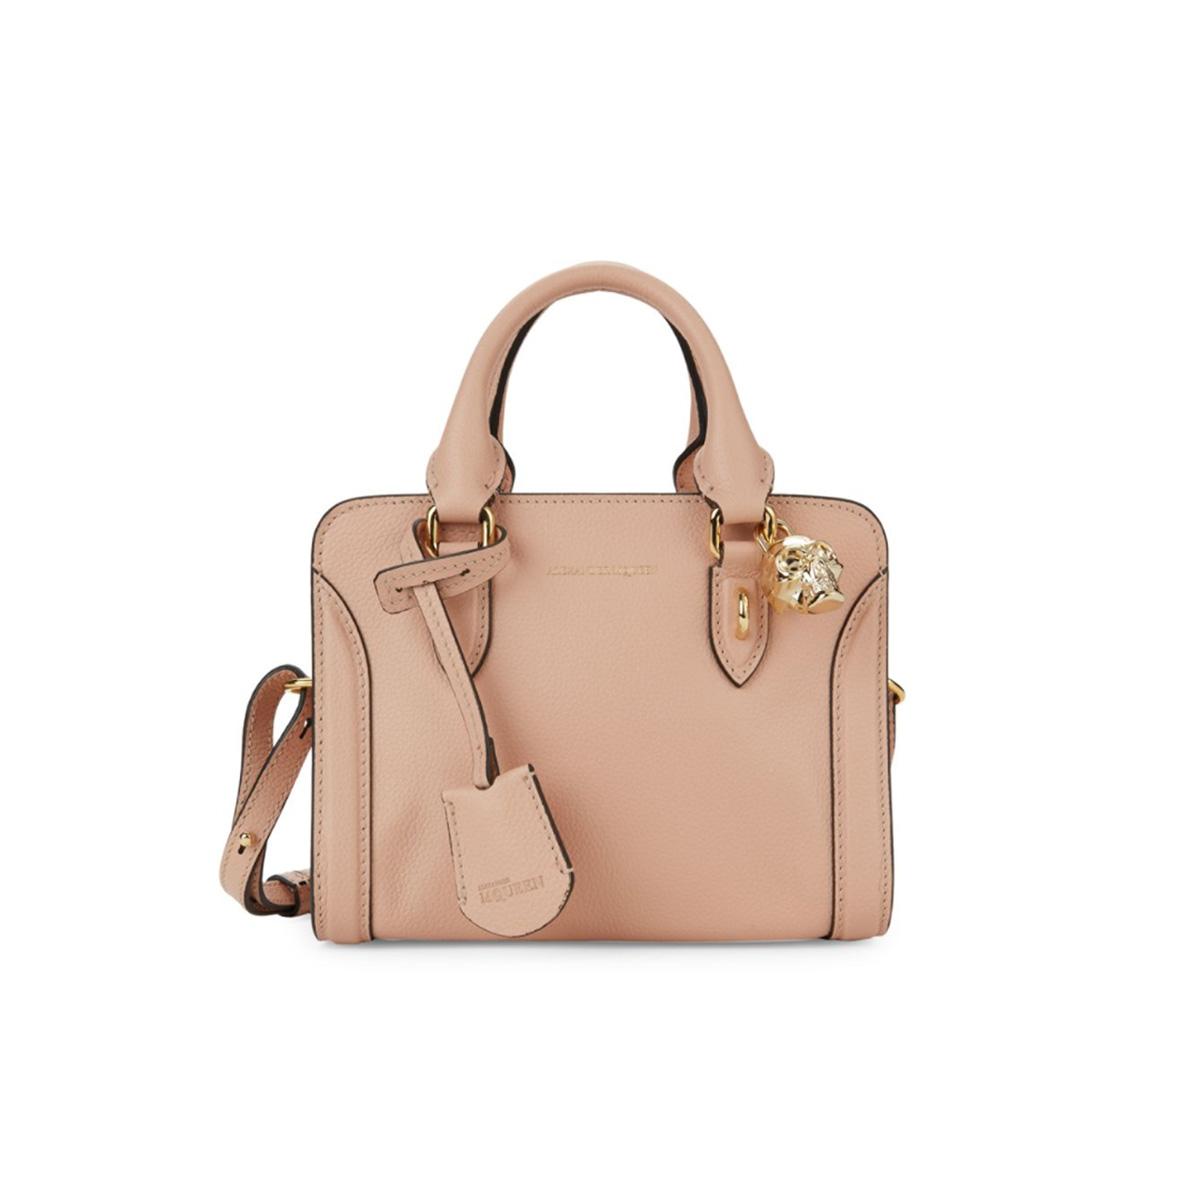 McQueen Bag Nude